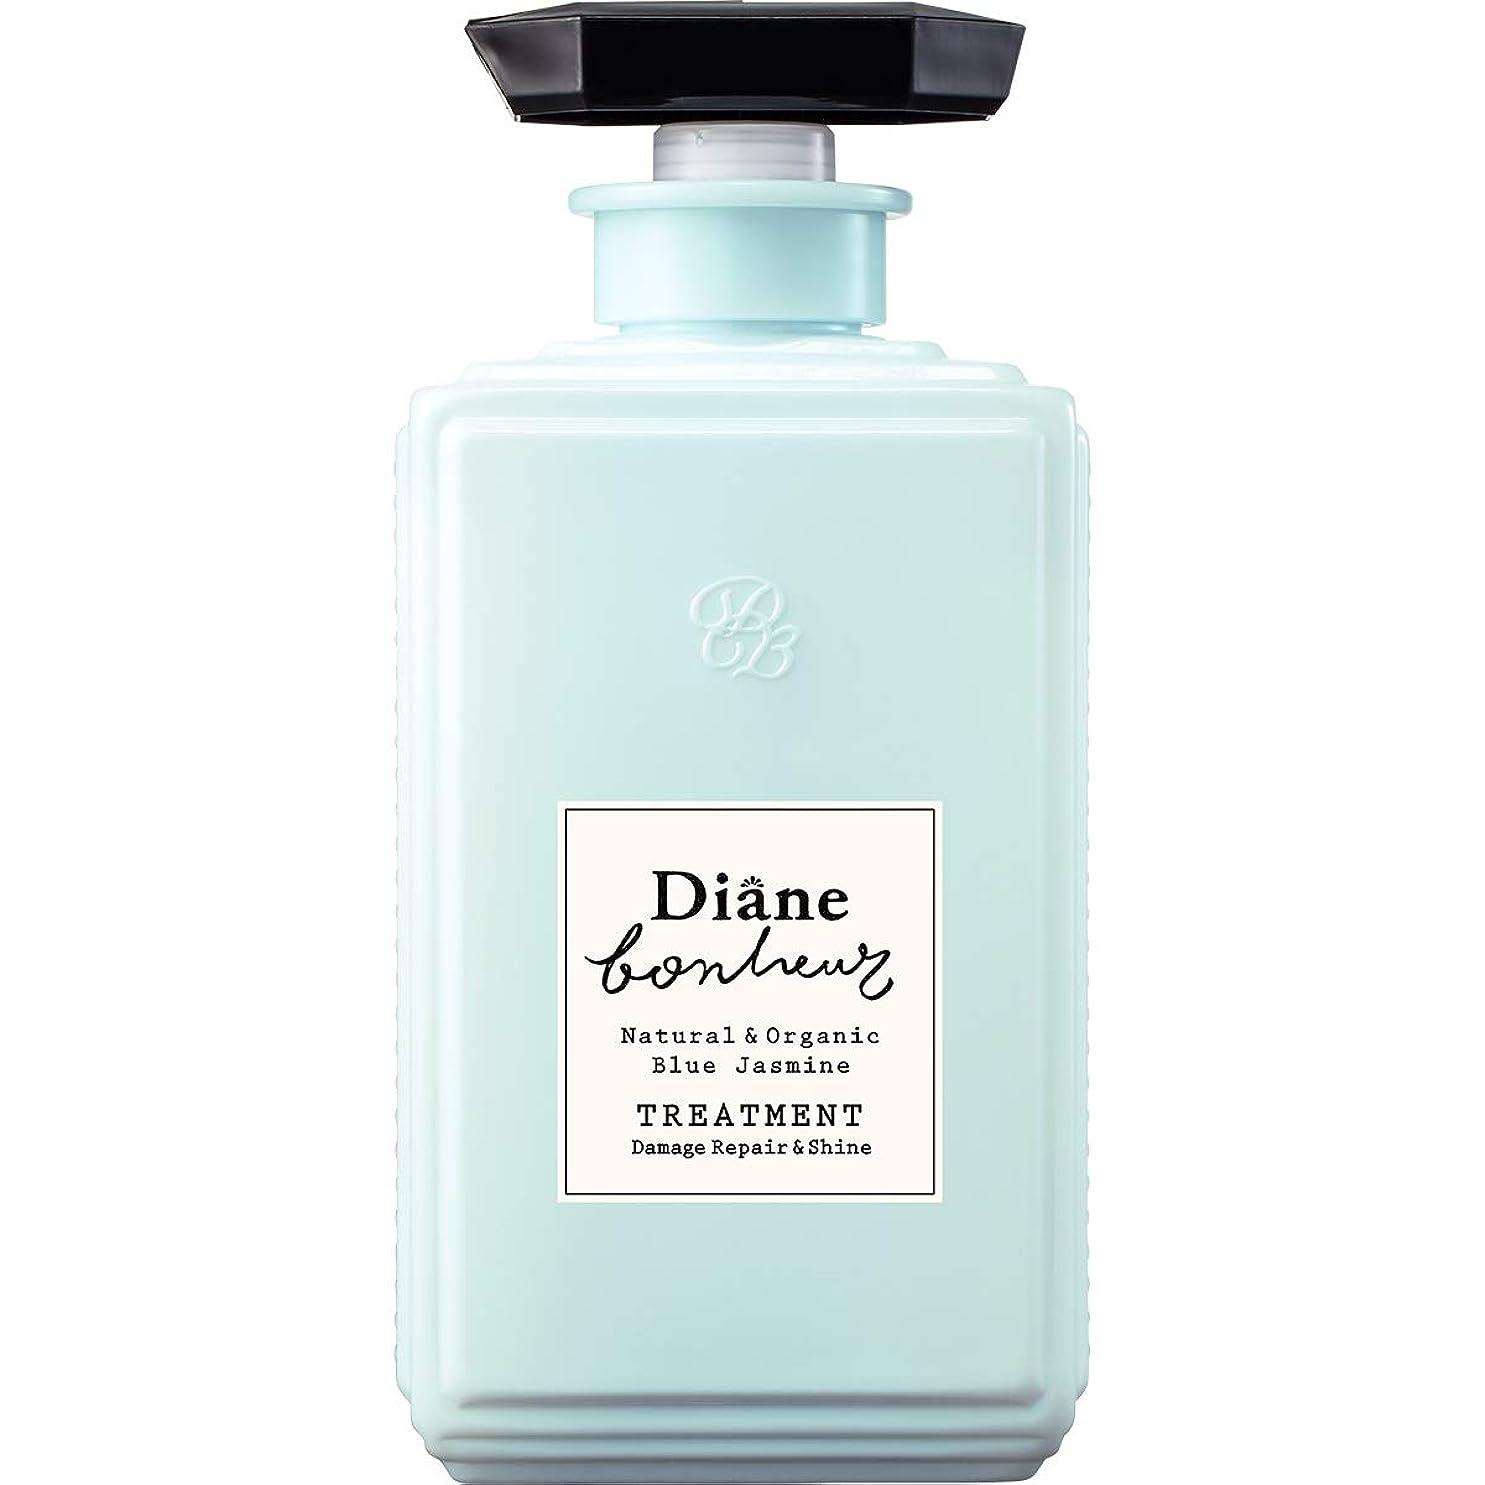 広い彼自身ひばりダイアン ボヌール トリートメント ブルージャスミンの香り ダメージリペア&シャイン 500ml